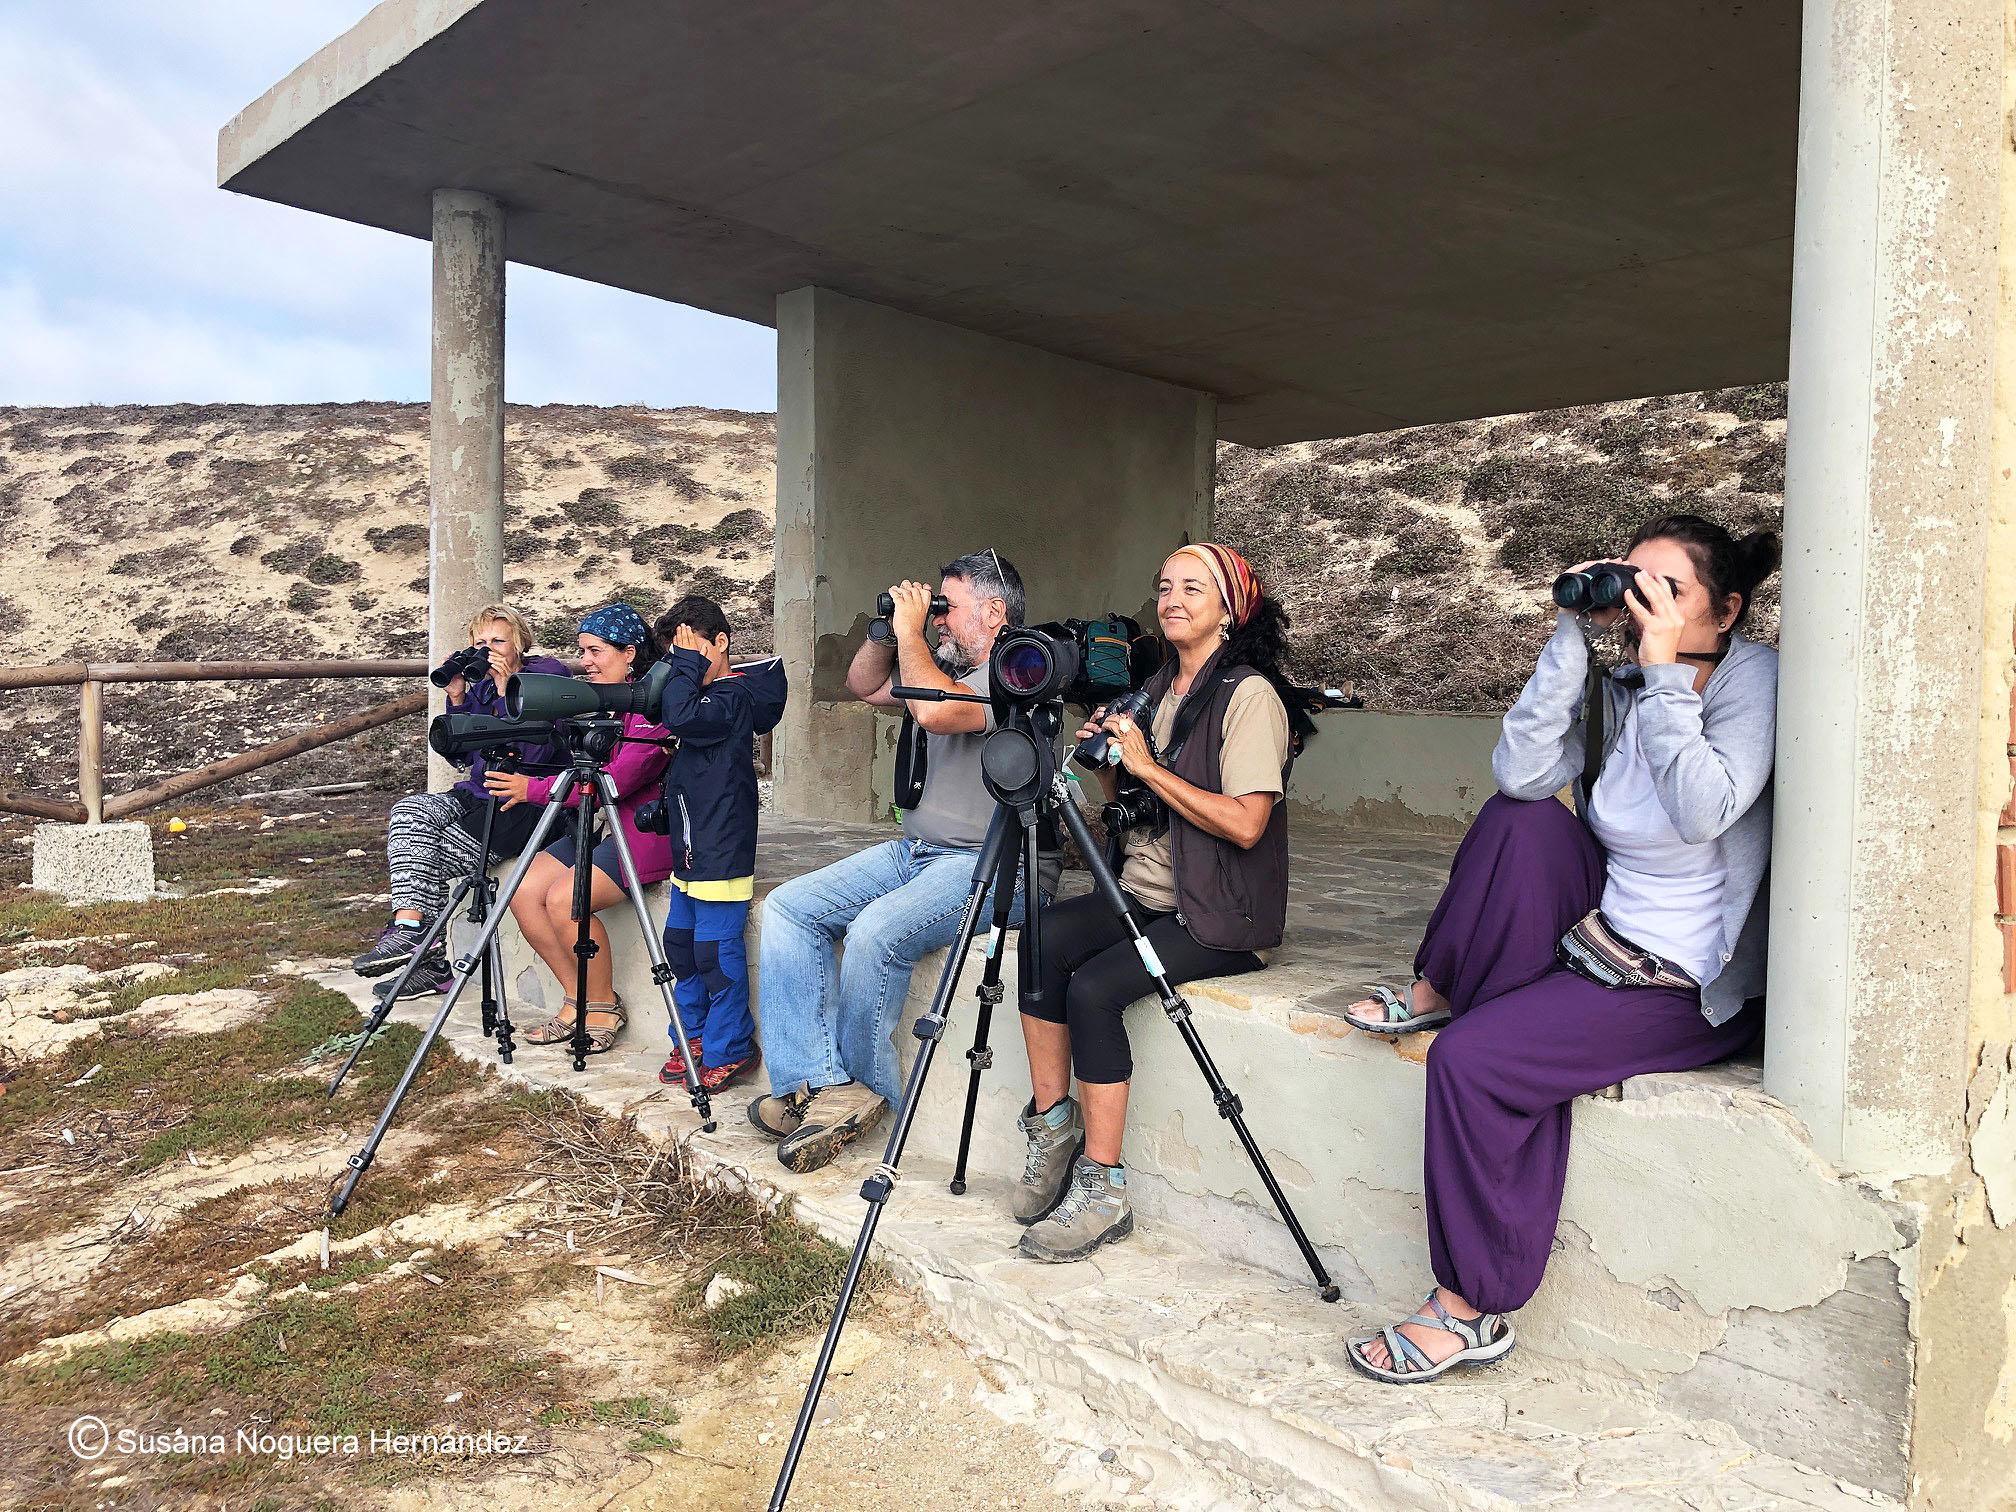 Voluntarios, durante la jornada de censo en la Isla de las Palomas. Imagen: Susana Noguera Hernández